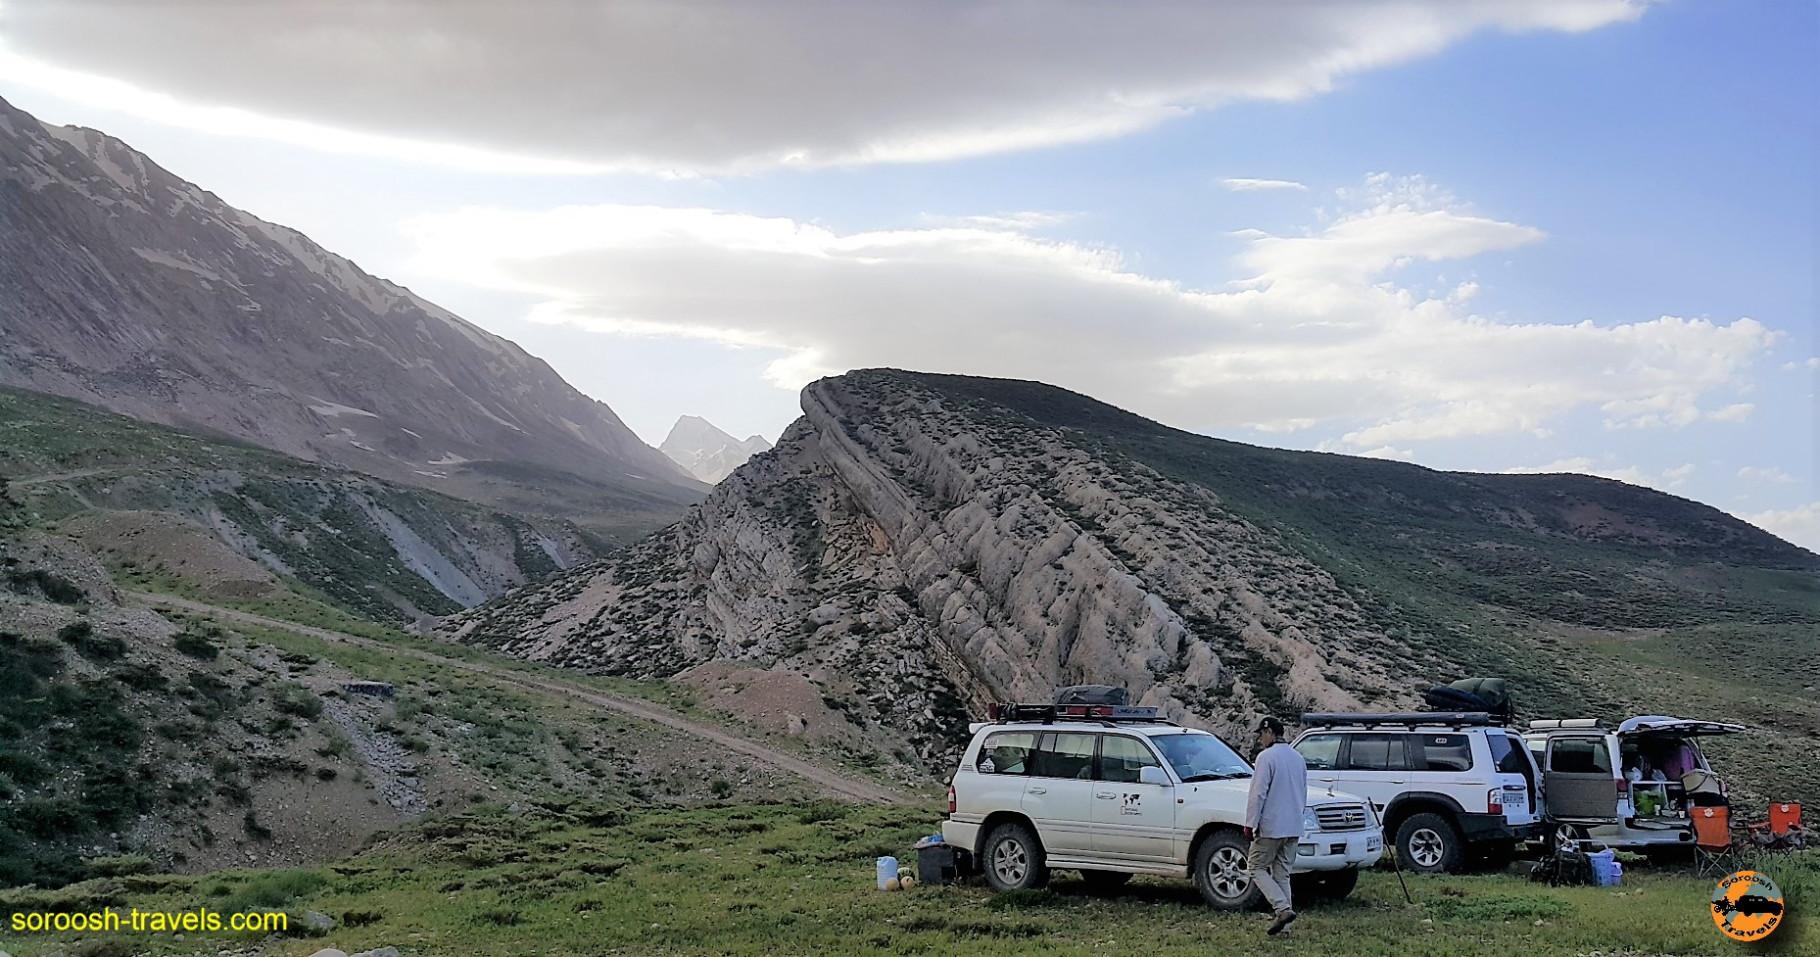 منطقه کوهرنگ در کوههای عظیم زاگرس - خرداد ۱۳۹۶